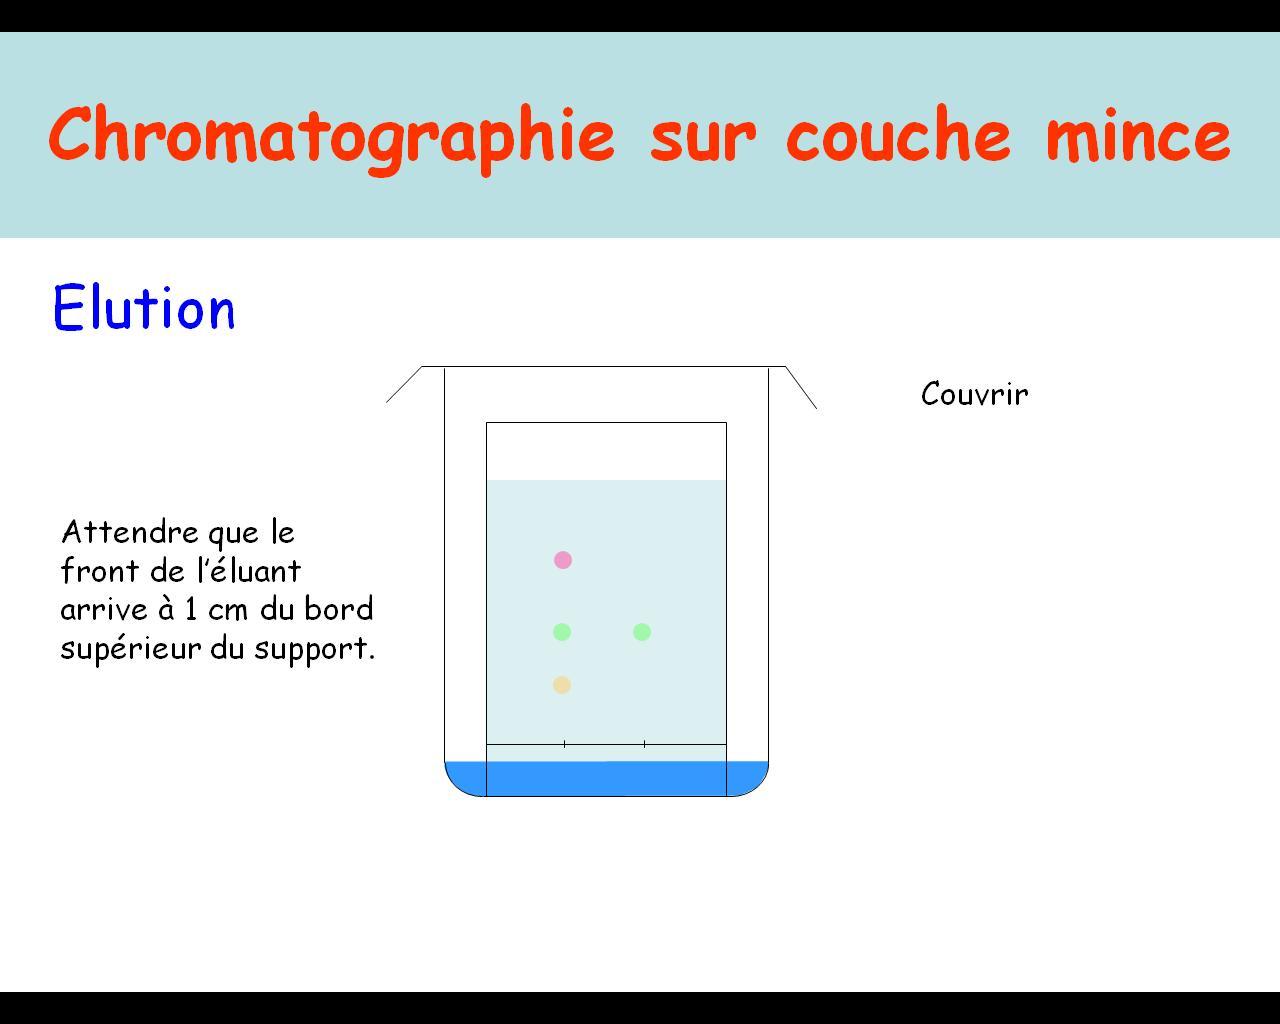 Chimie chromatographie sur couche mince physique et chimie acad mie d 39 amiens - Chromatographie sur couche mince ...